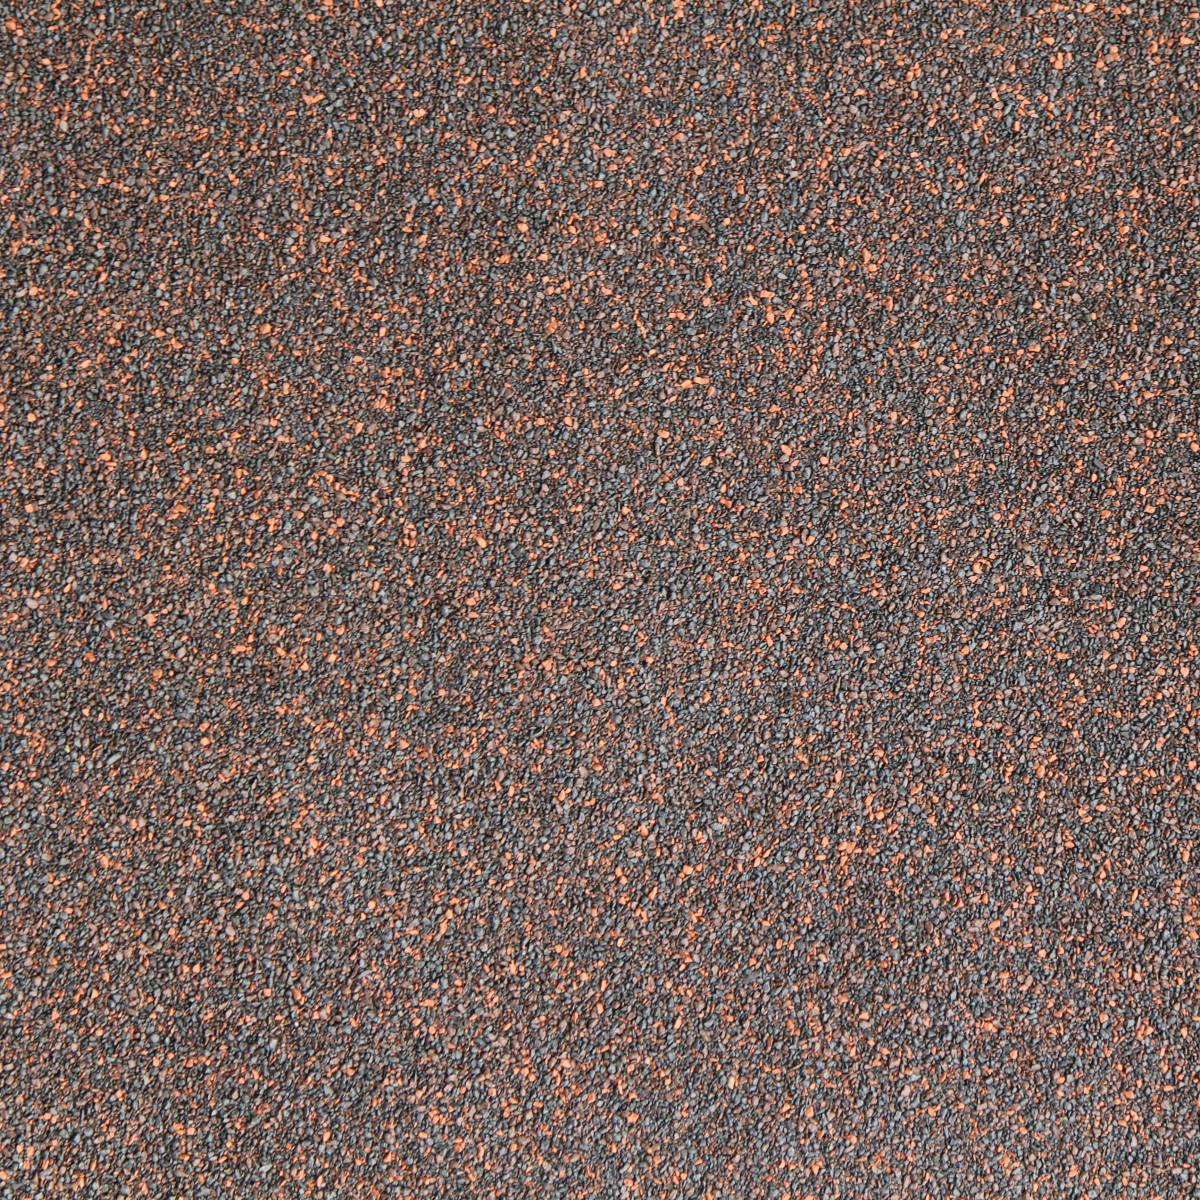 Ковёр ендовый Döcke Pie 10 м² цвет коричневый